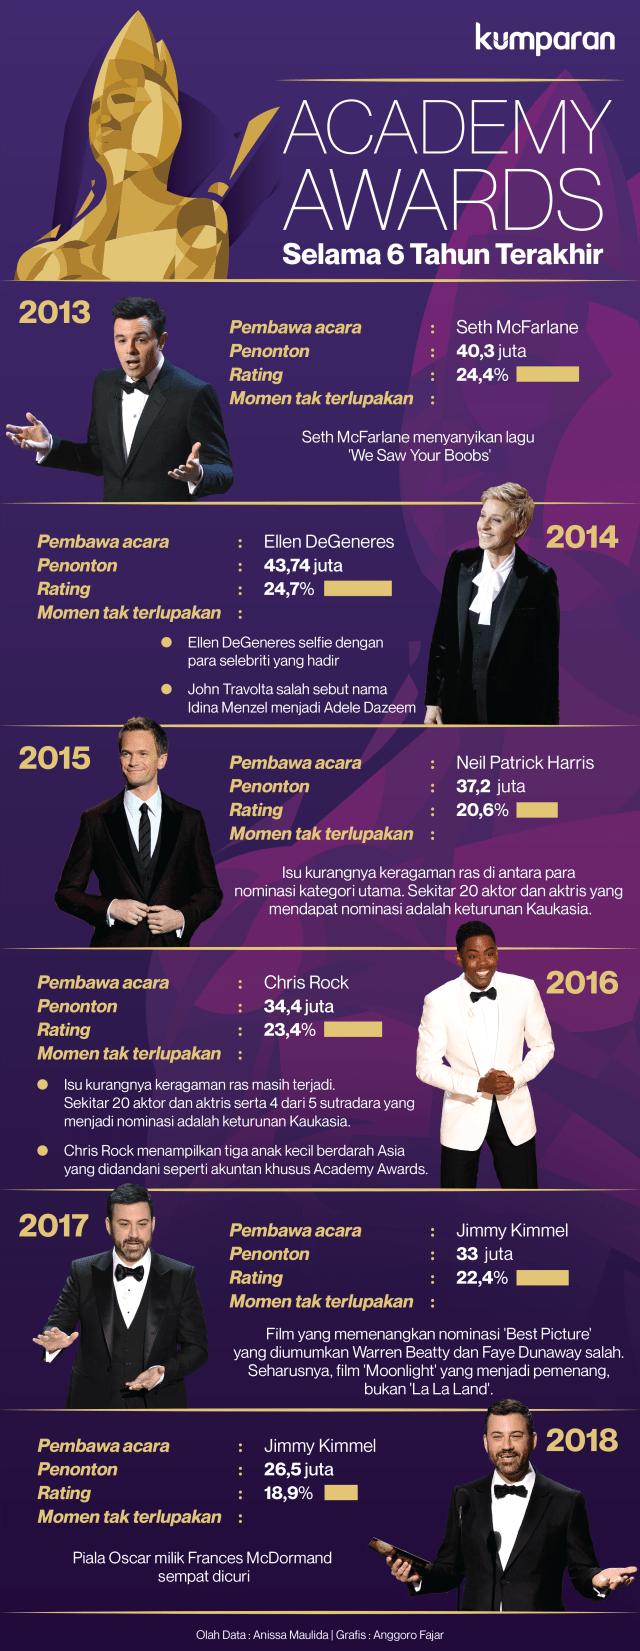 Academy Awards Selama 6 Tahun Terakhir